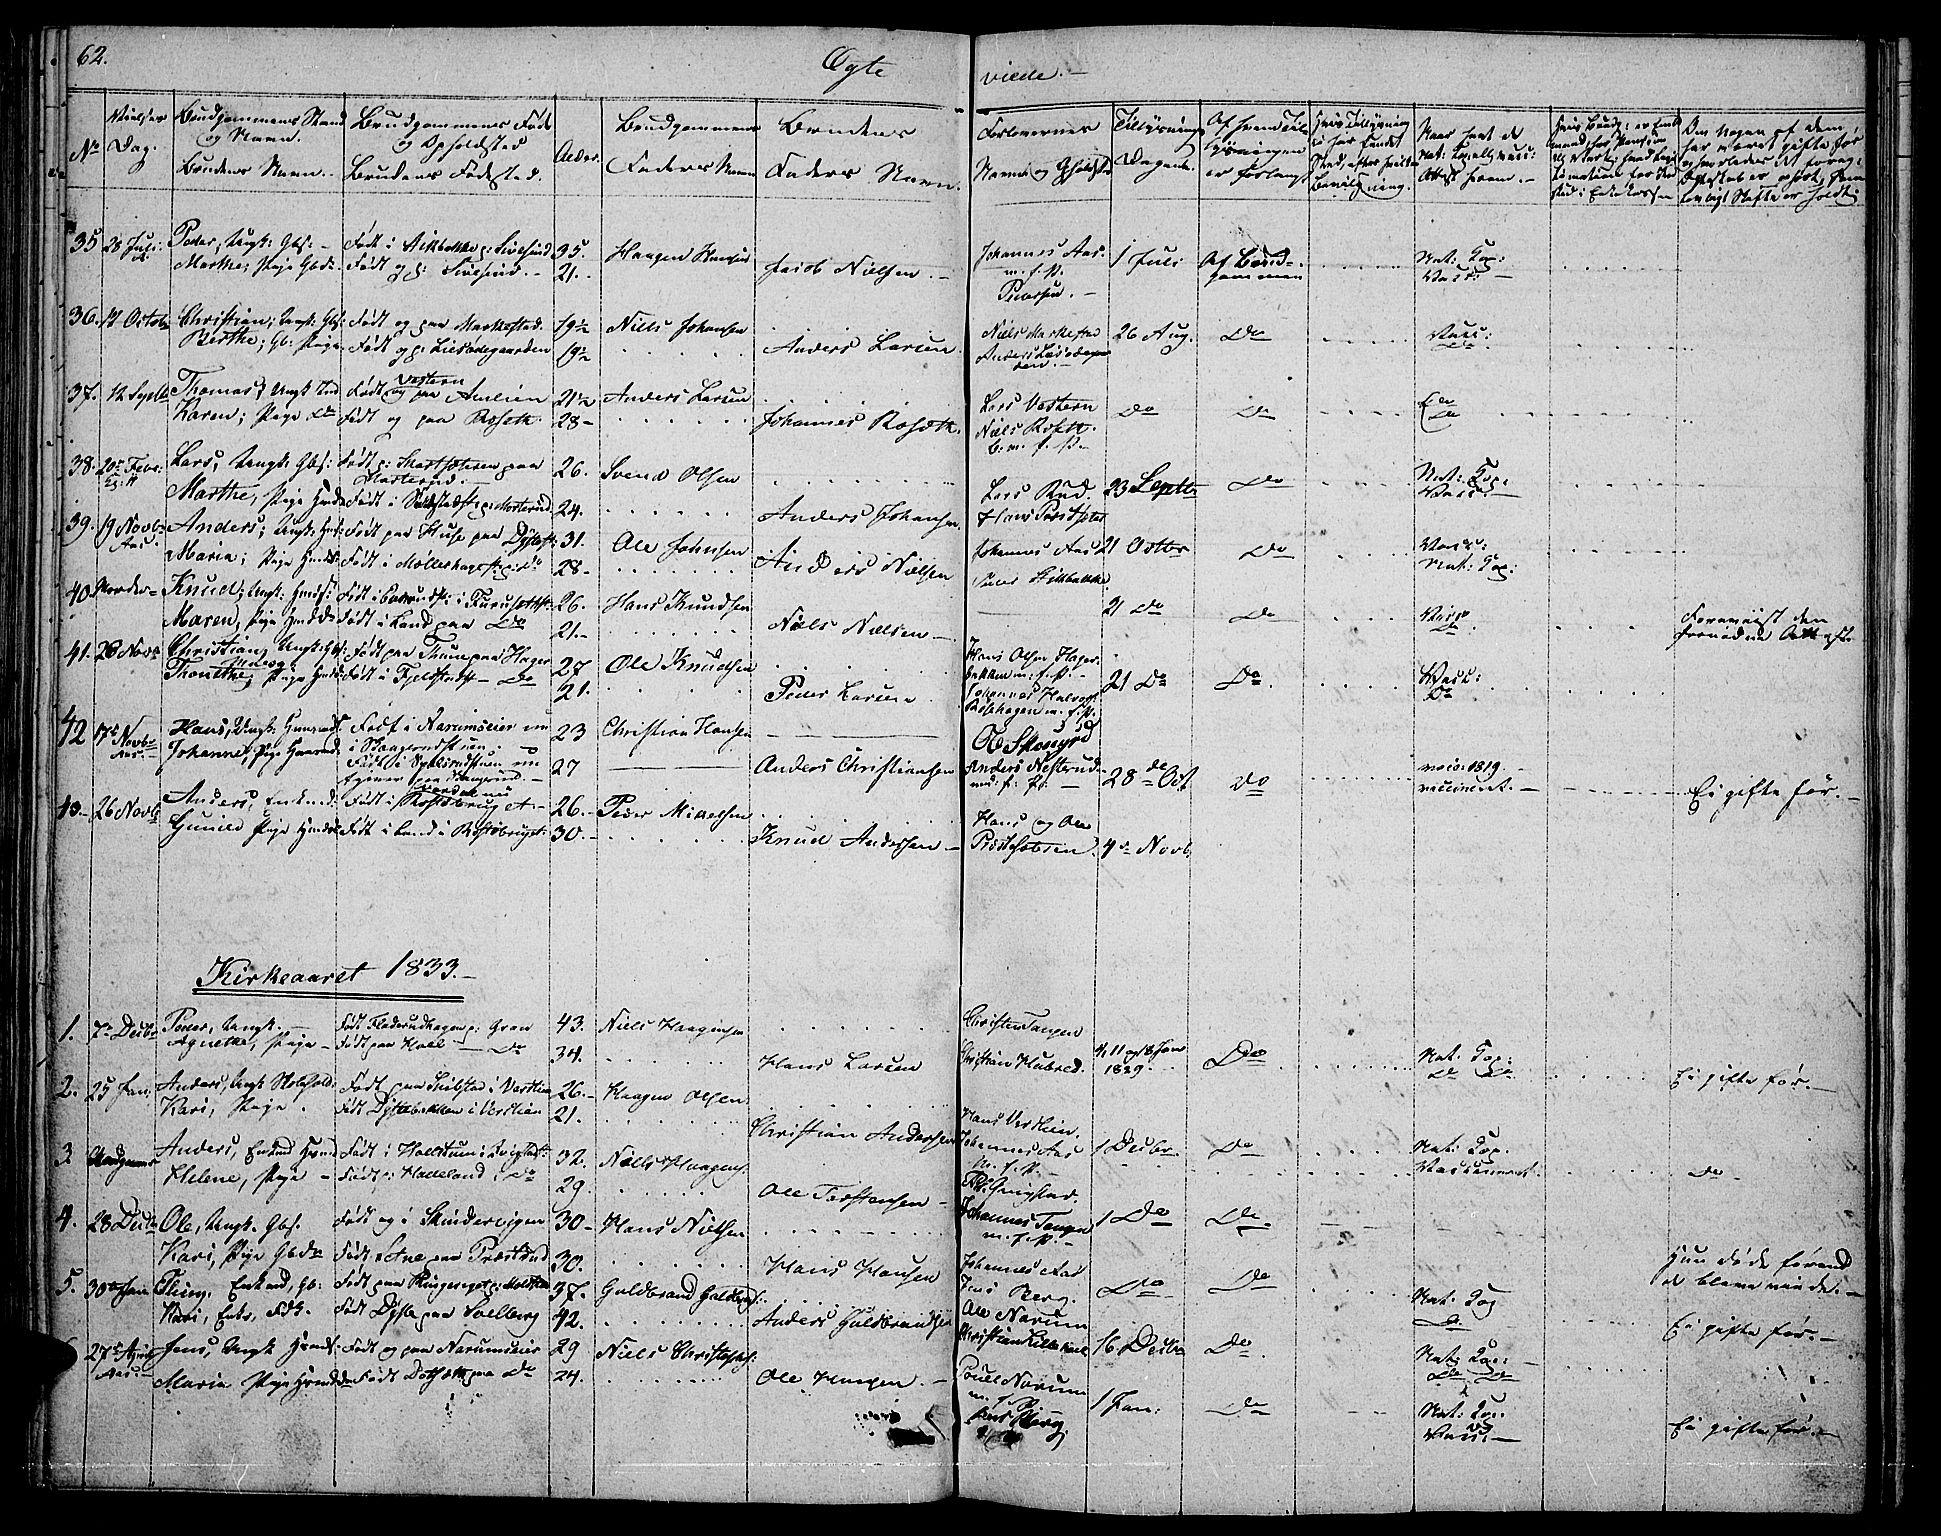 SAH, Vestre Toten prestekontor, H/Ha/Hab/L0001: Klokkerbok nr. 1, 1830-1836, s. 62